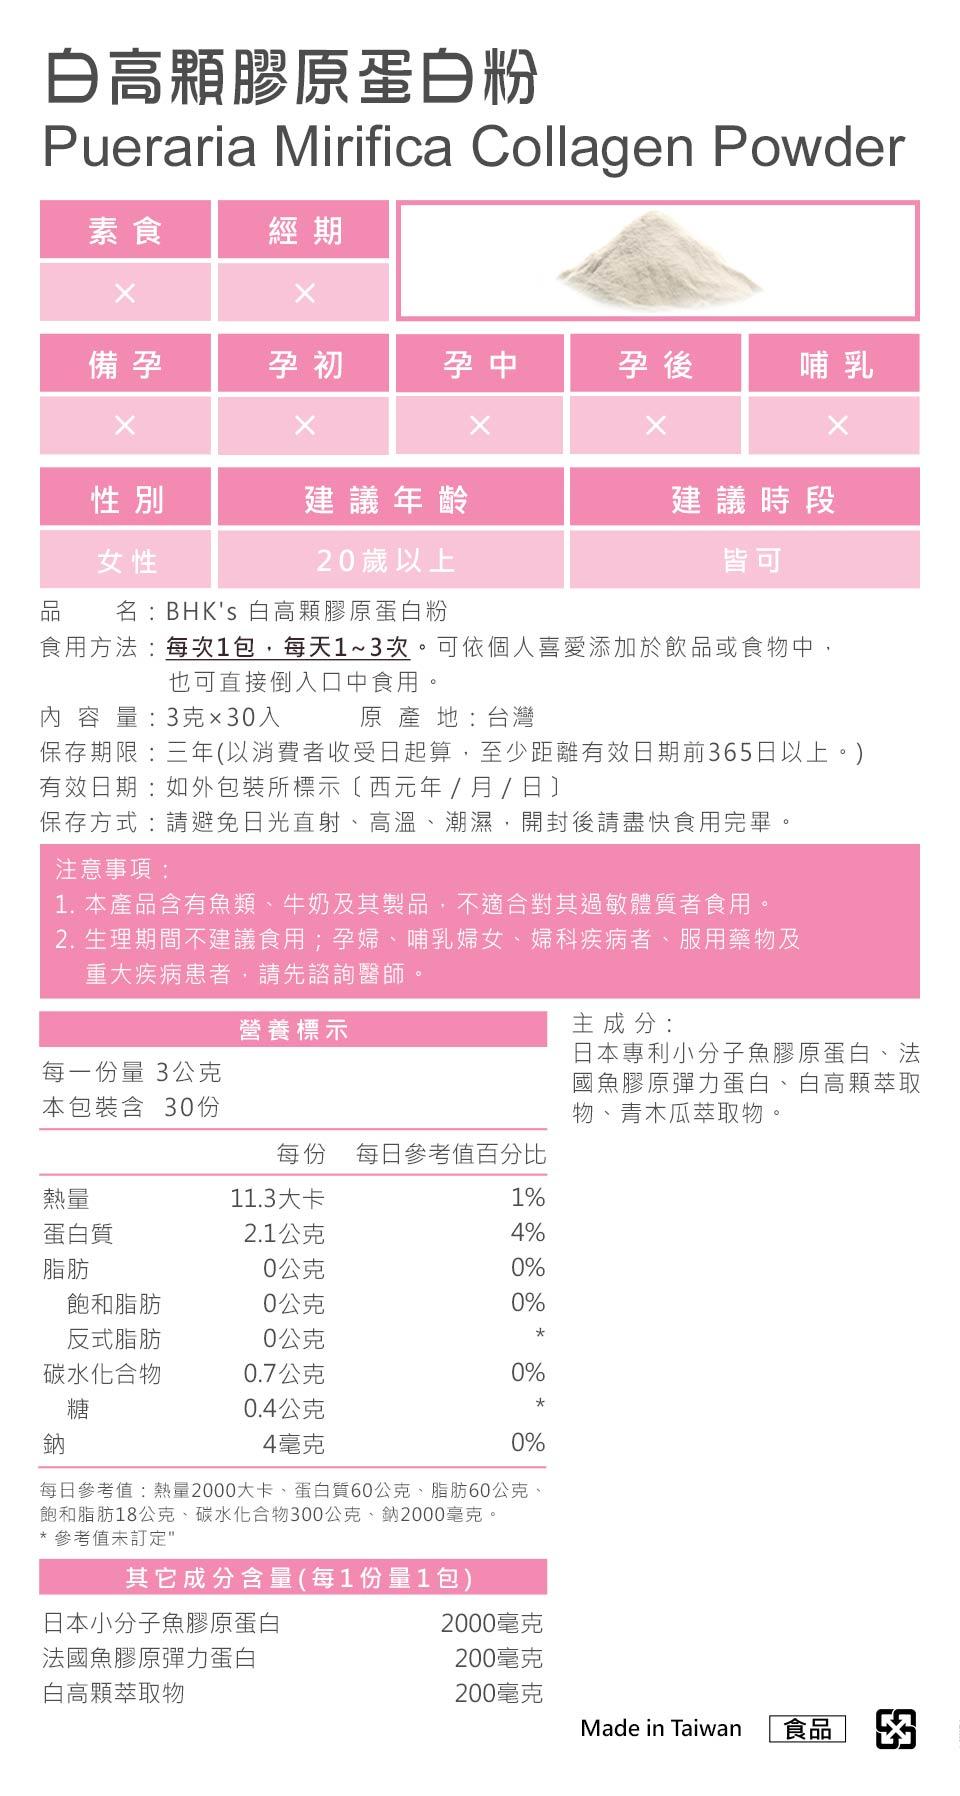 BHK白高颗胶原蛋白粉,专业把关,产品皆经安全检验合格,台湾生产制造,最安心放心的美胸食品。